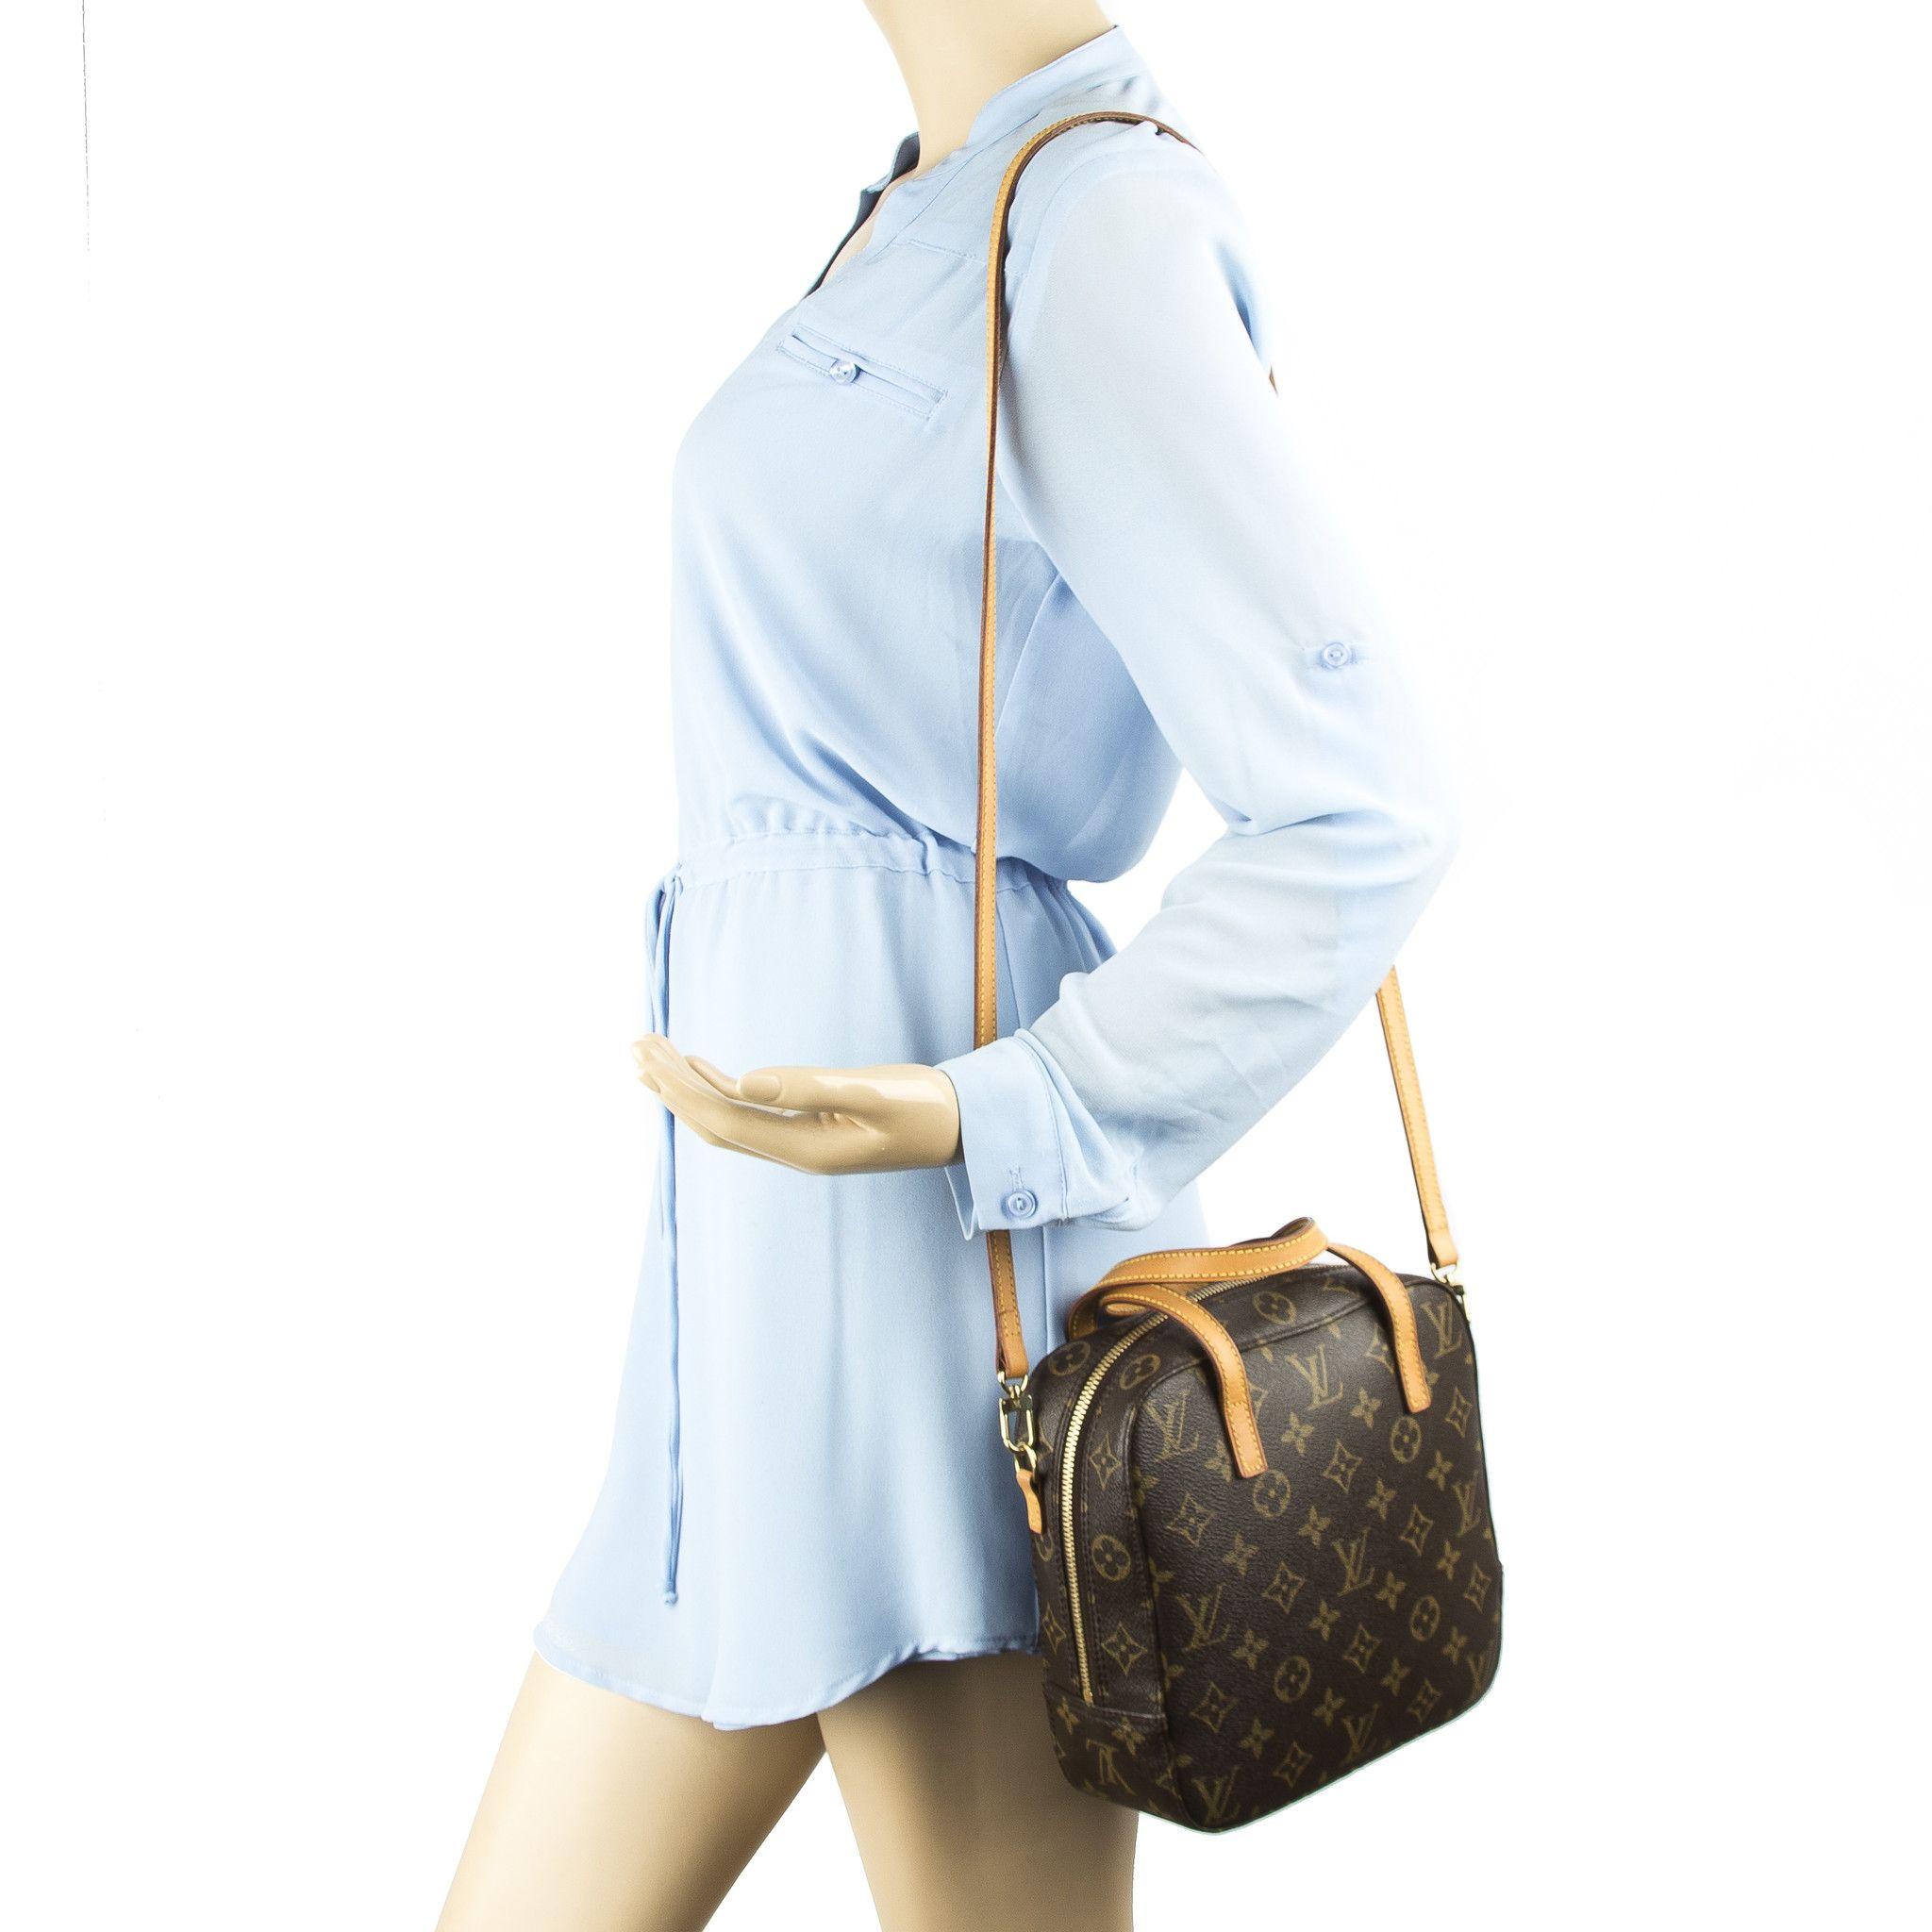 126011d7b573 Louis Vuitton Monogram Spontini Bag (Authentic Pre Owned) - 2899004